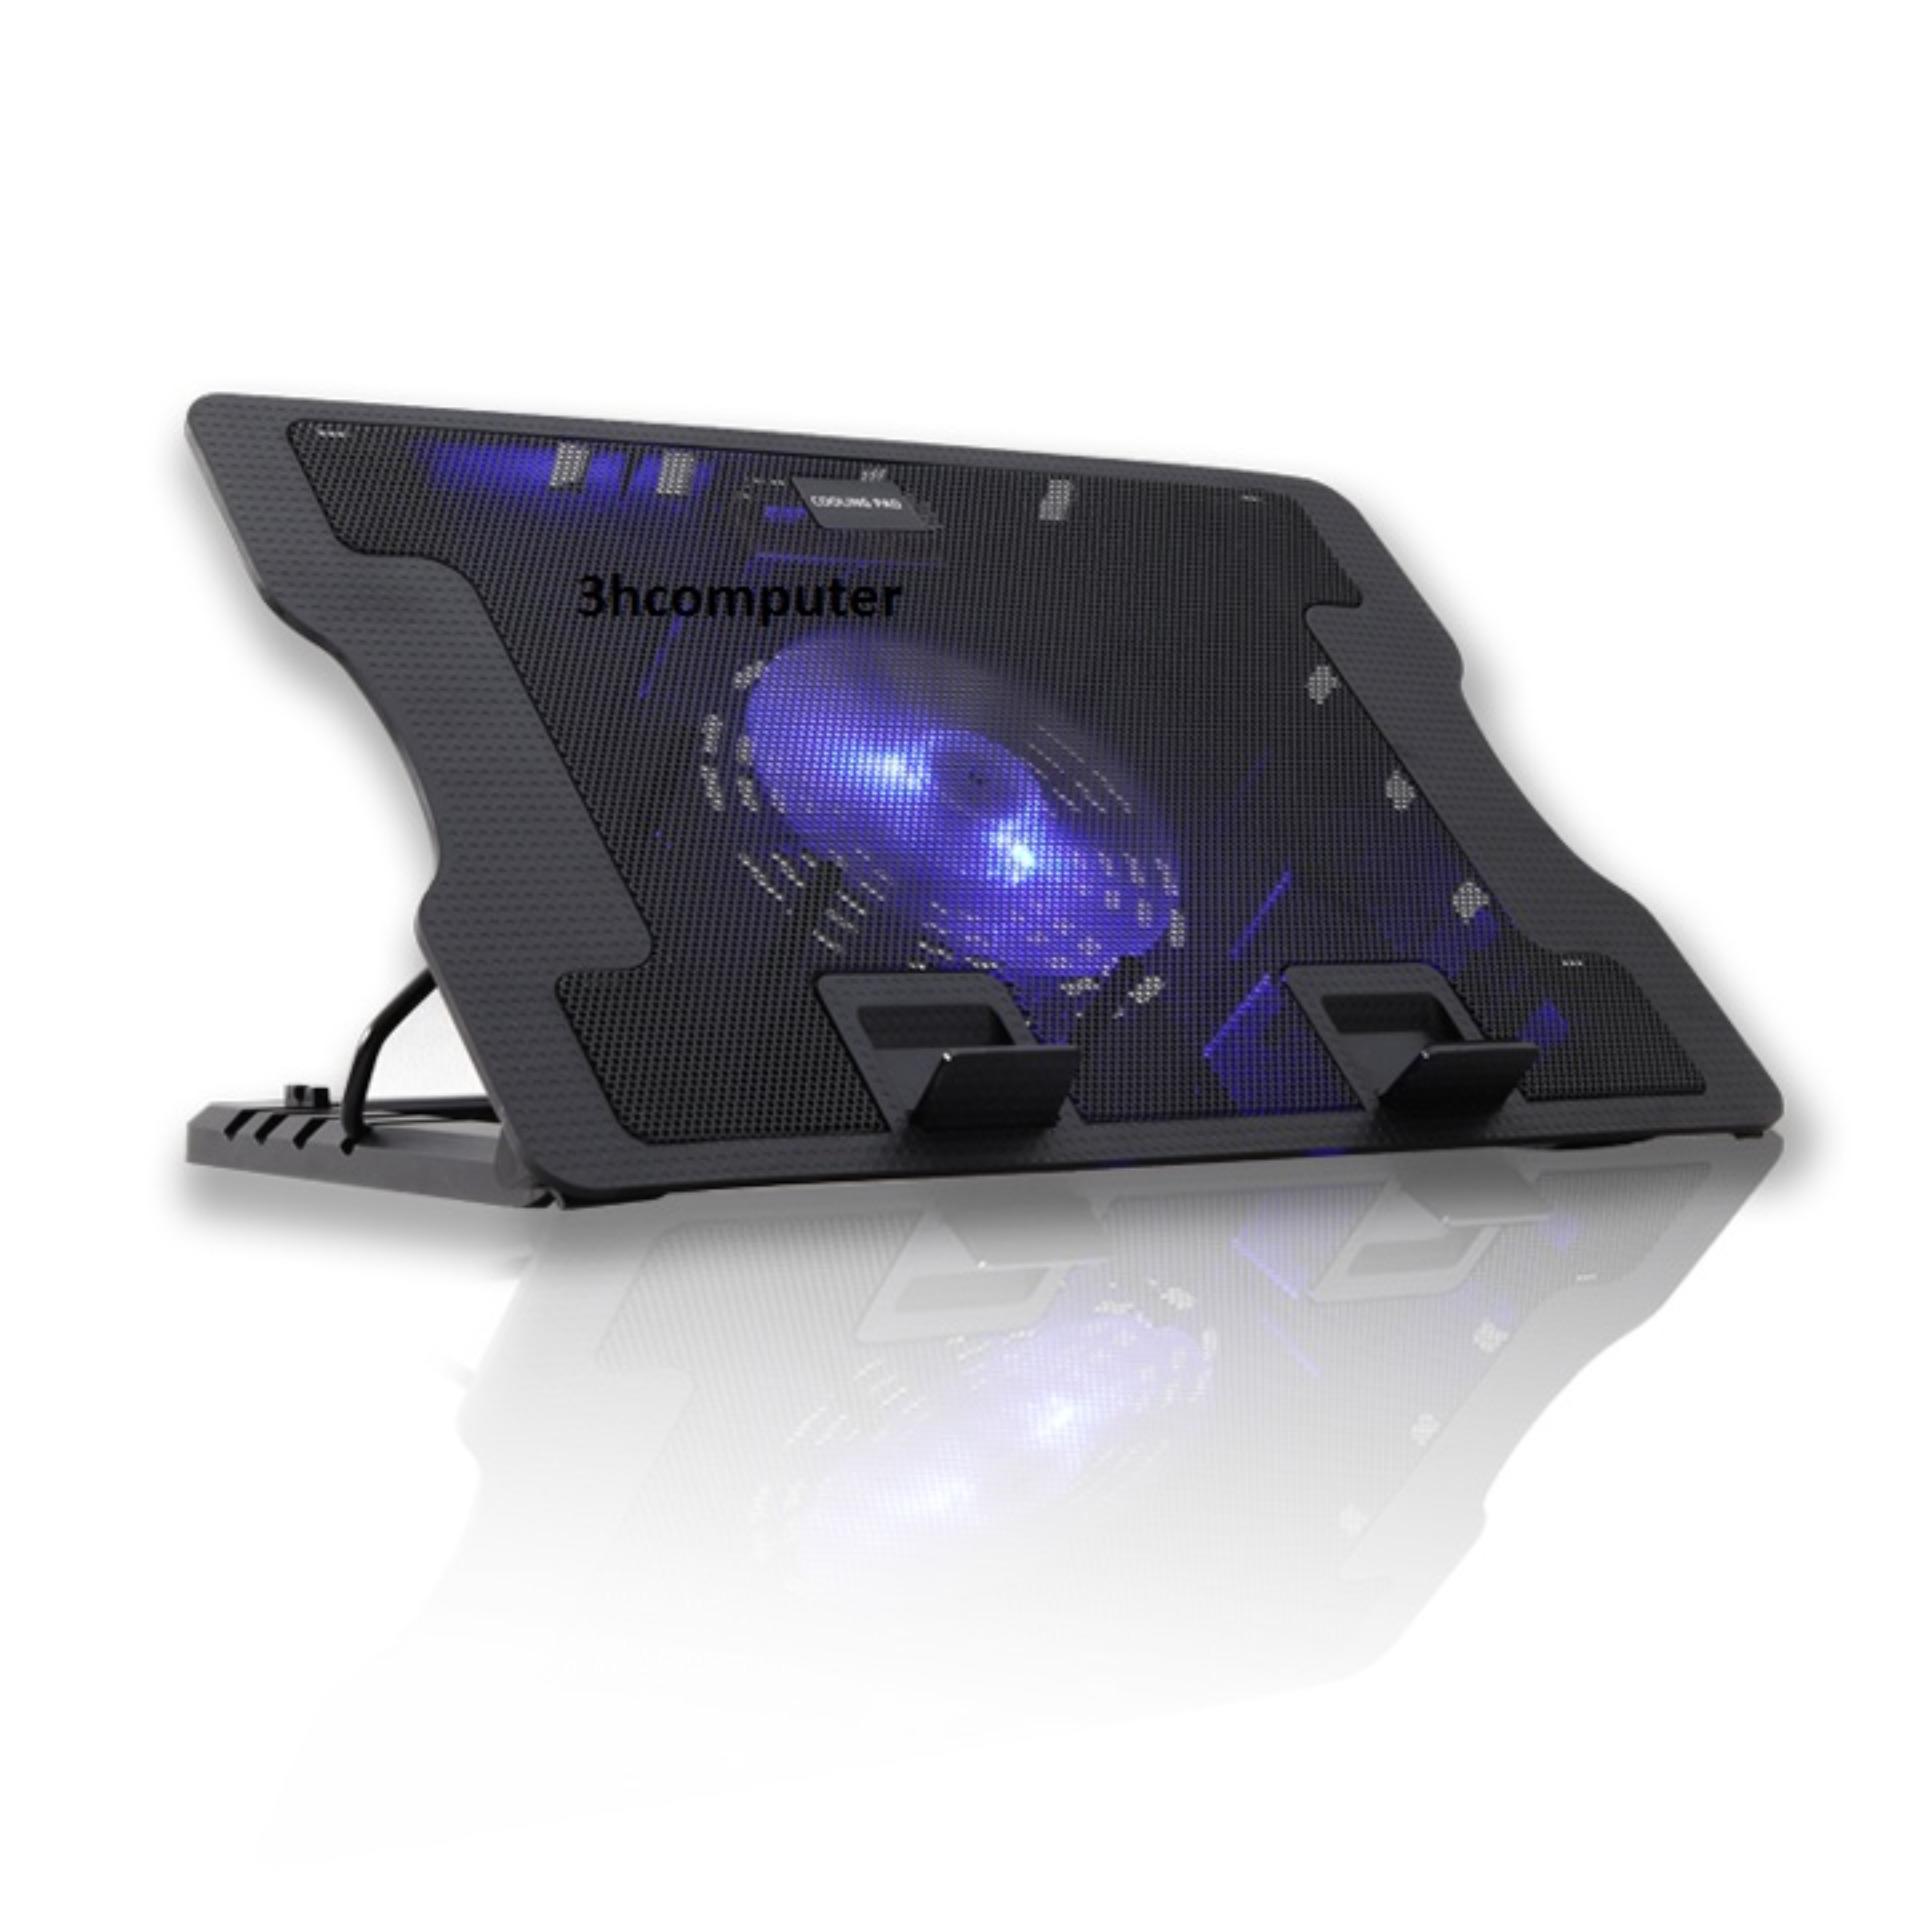 Đế Tản Nhiệt Laptop N88 - 1 Quạt Giải Nhiệt Cực Nhanh